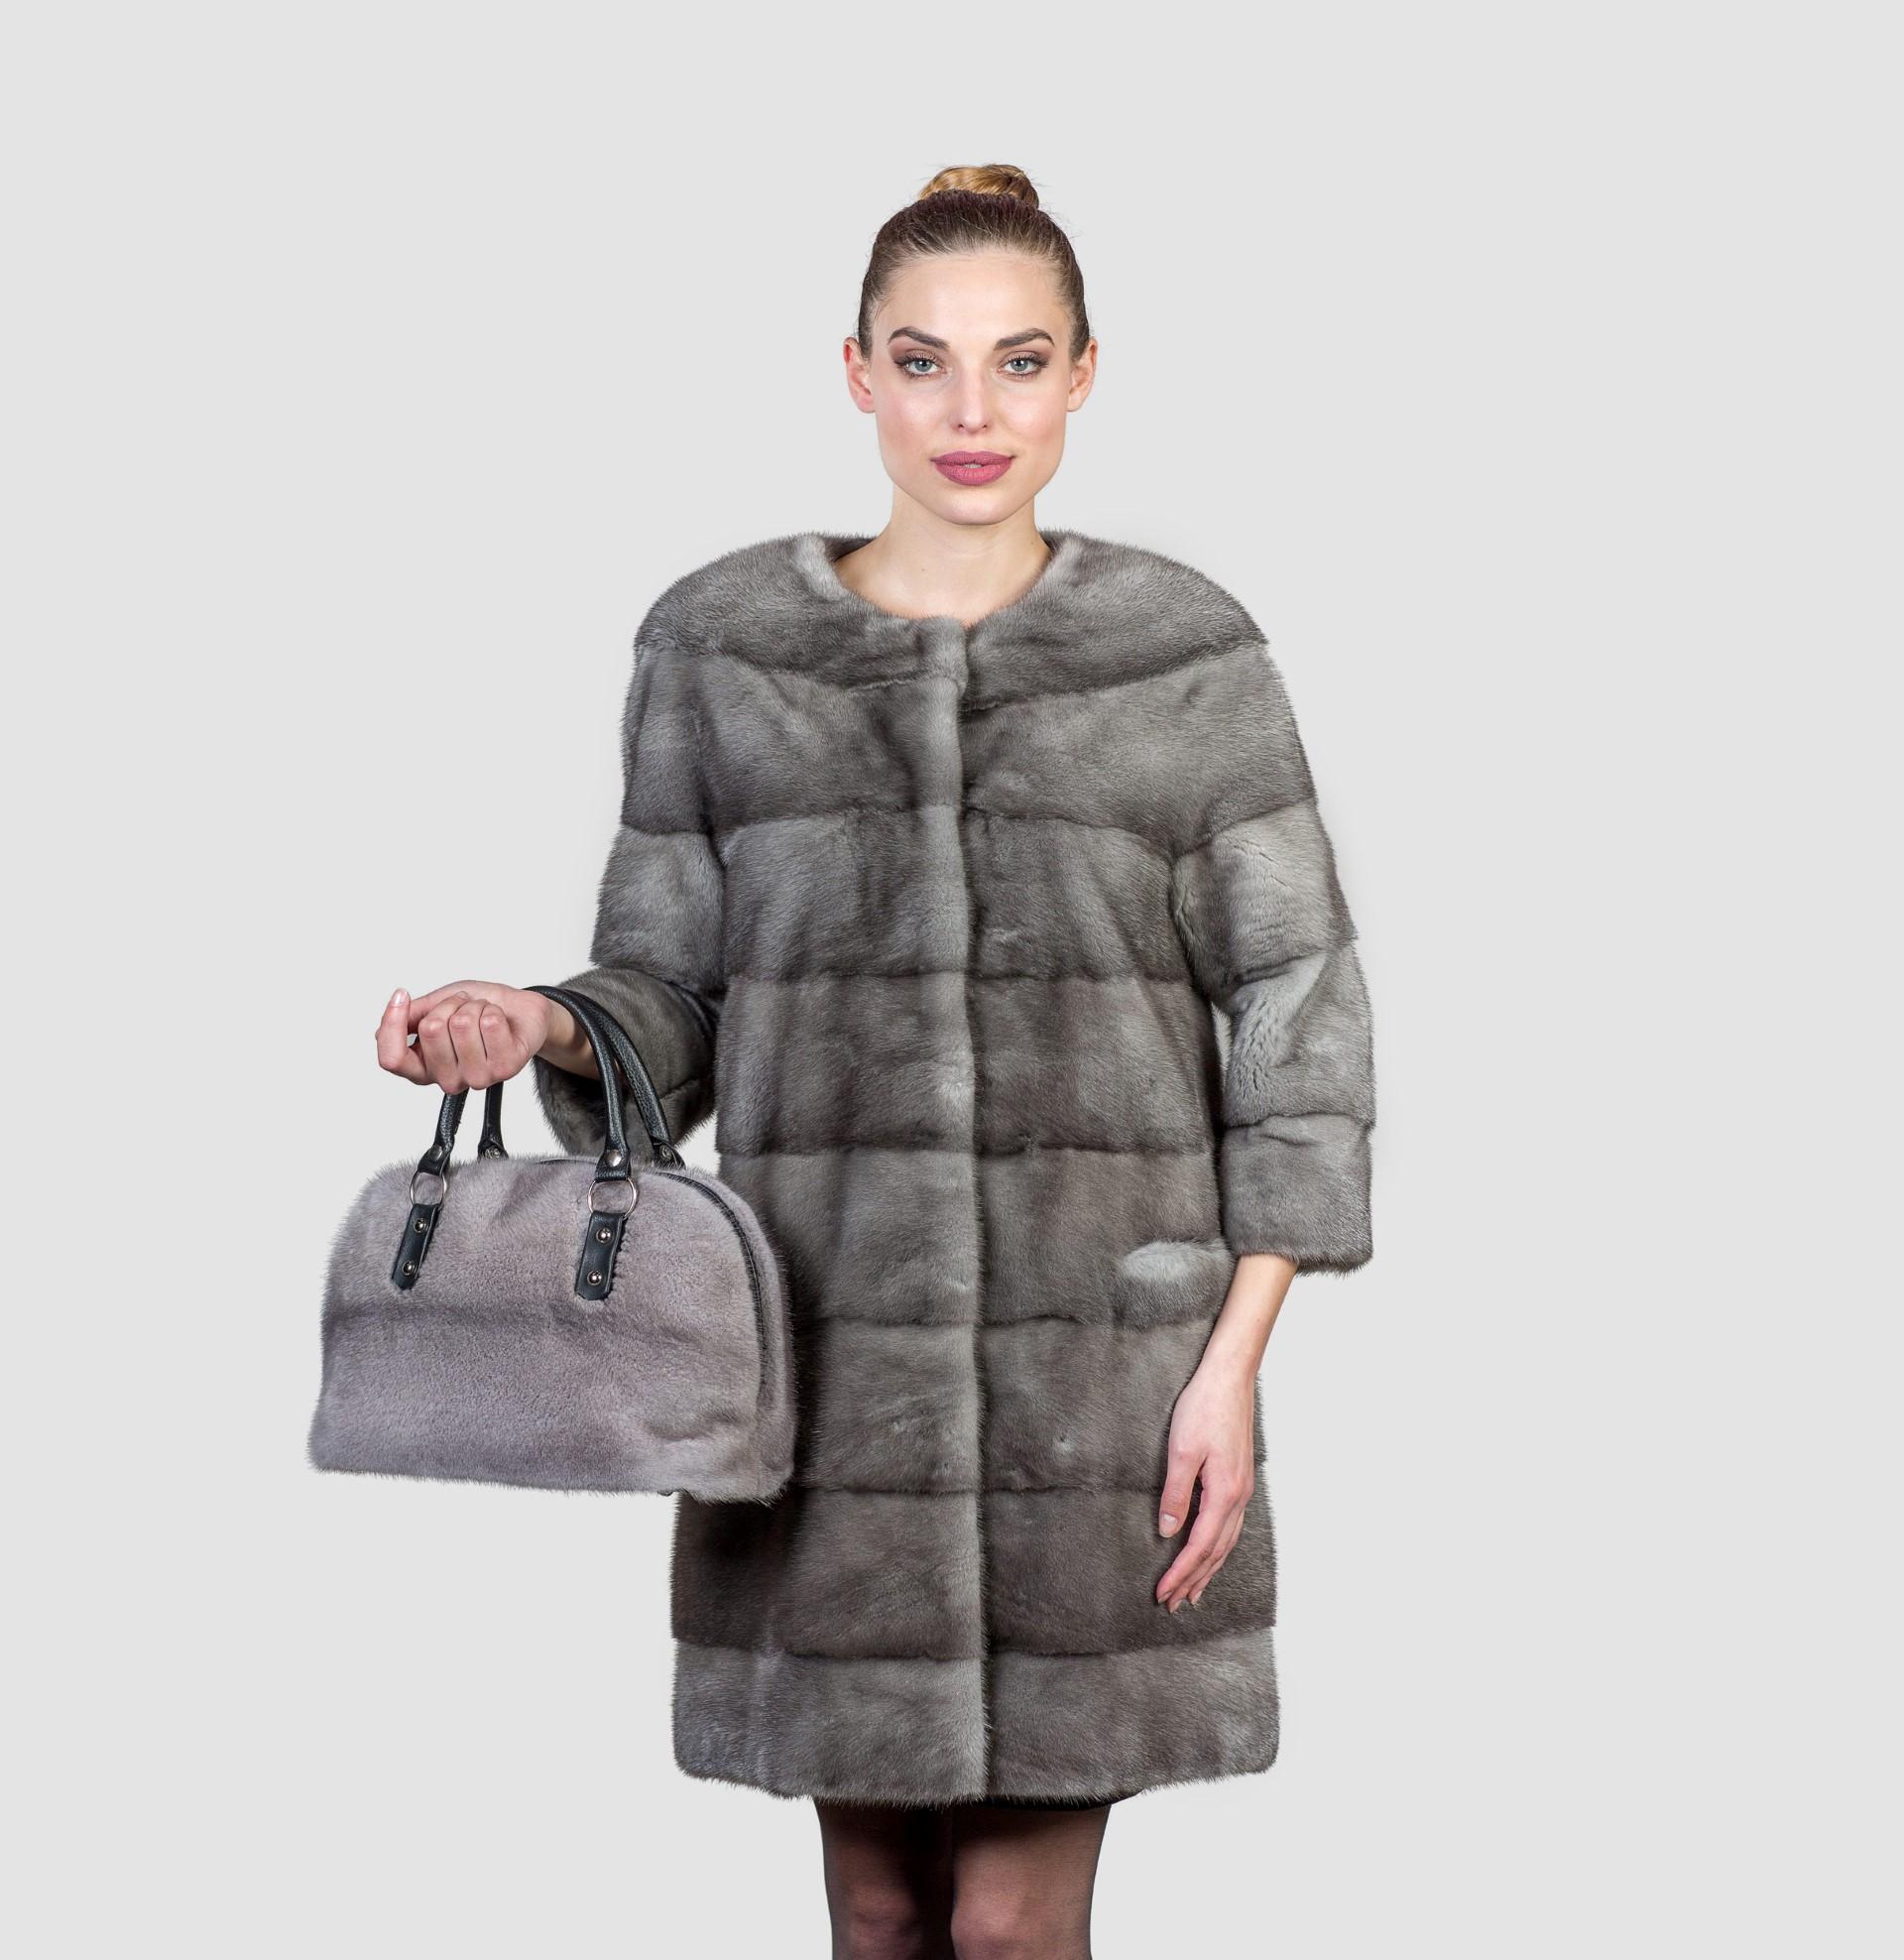 91f7ab3a8dc69 Elegant Blue Iris Mink Fur Coat. 100% Real Fur Coats and Accessories.